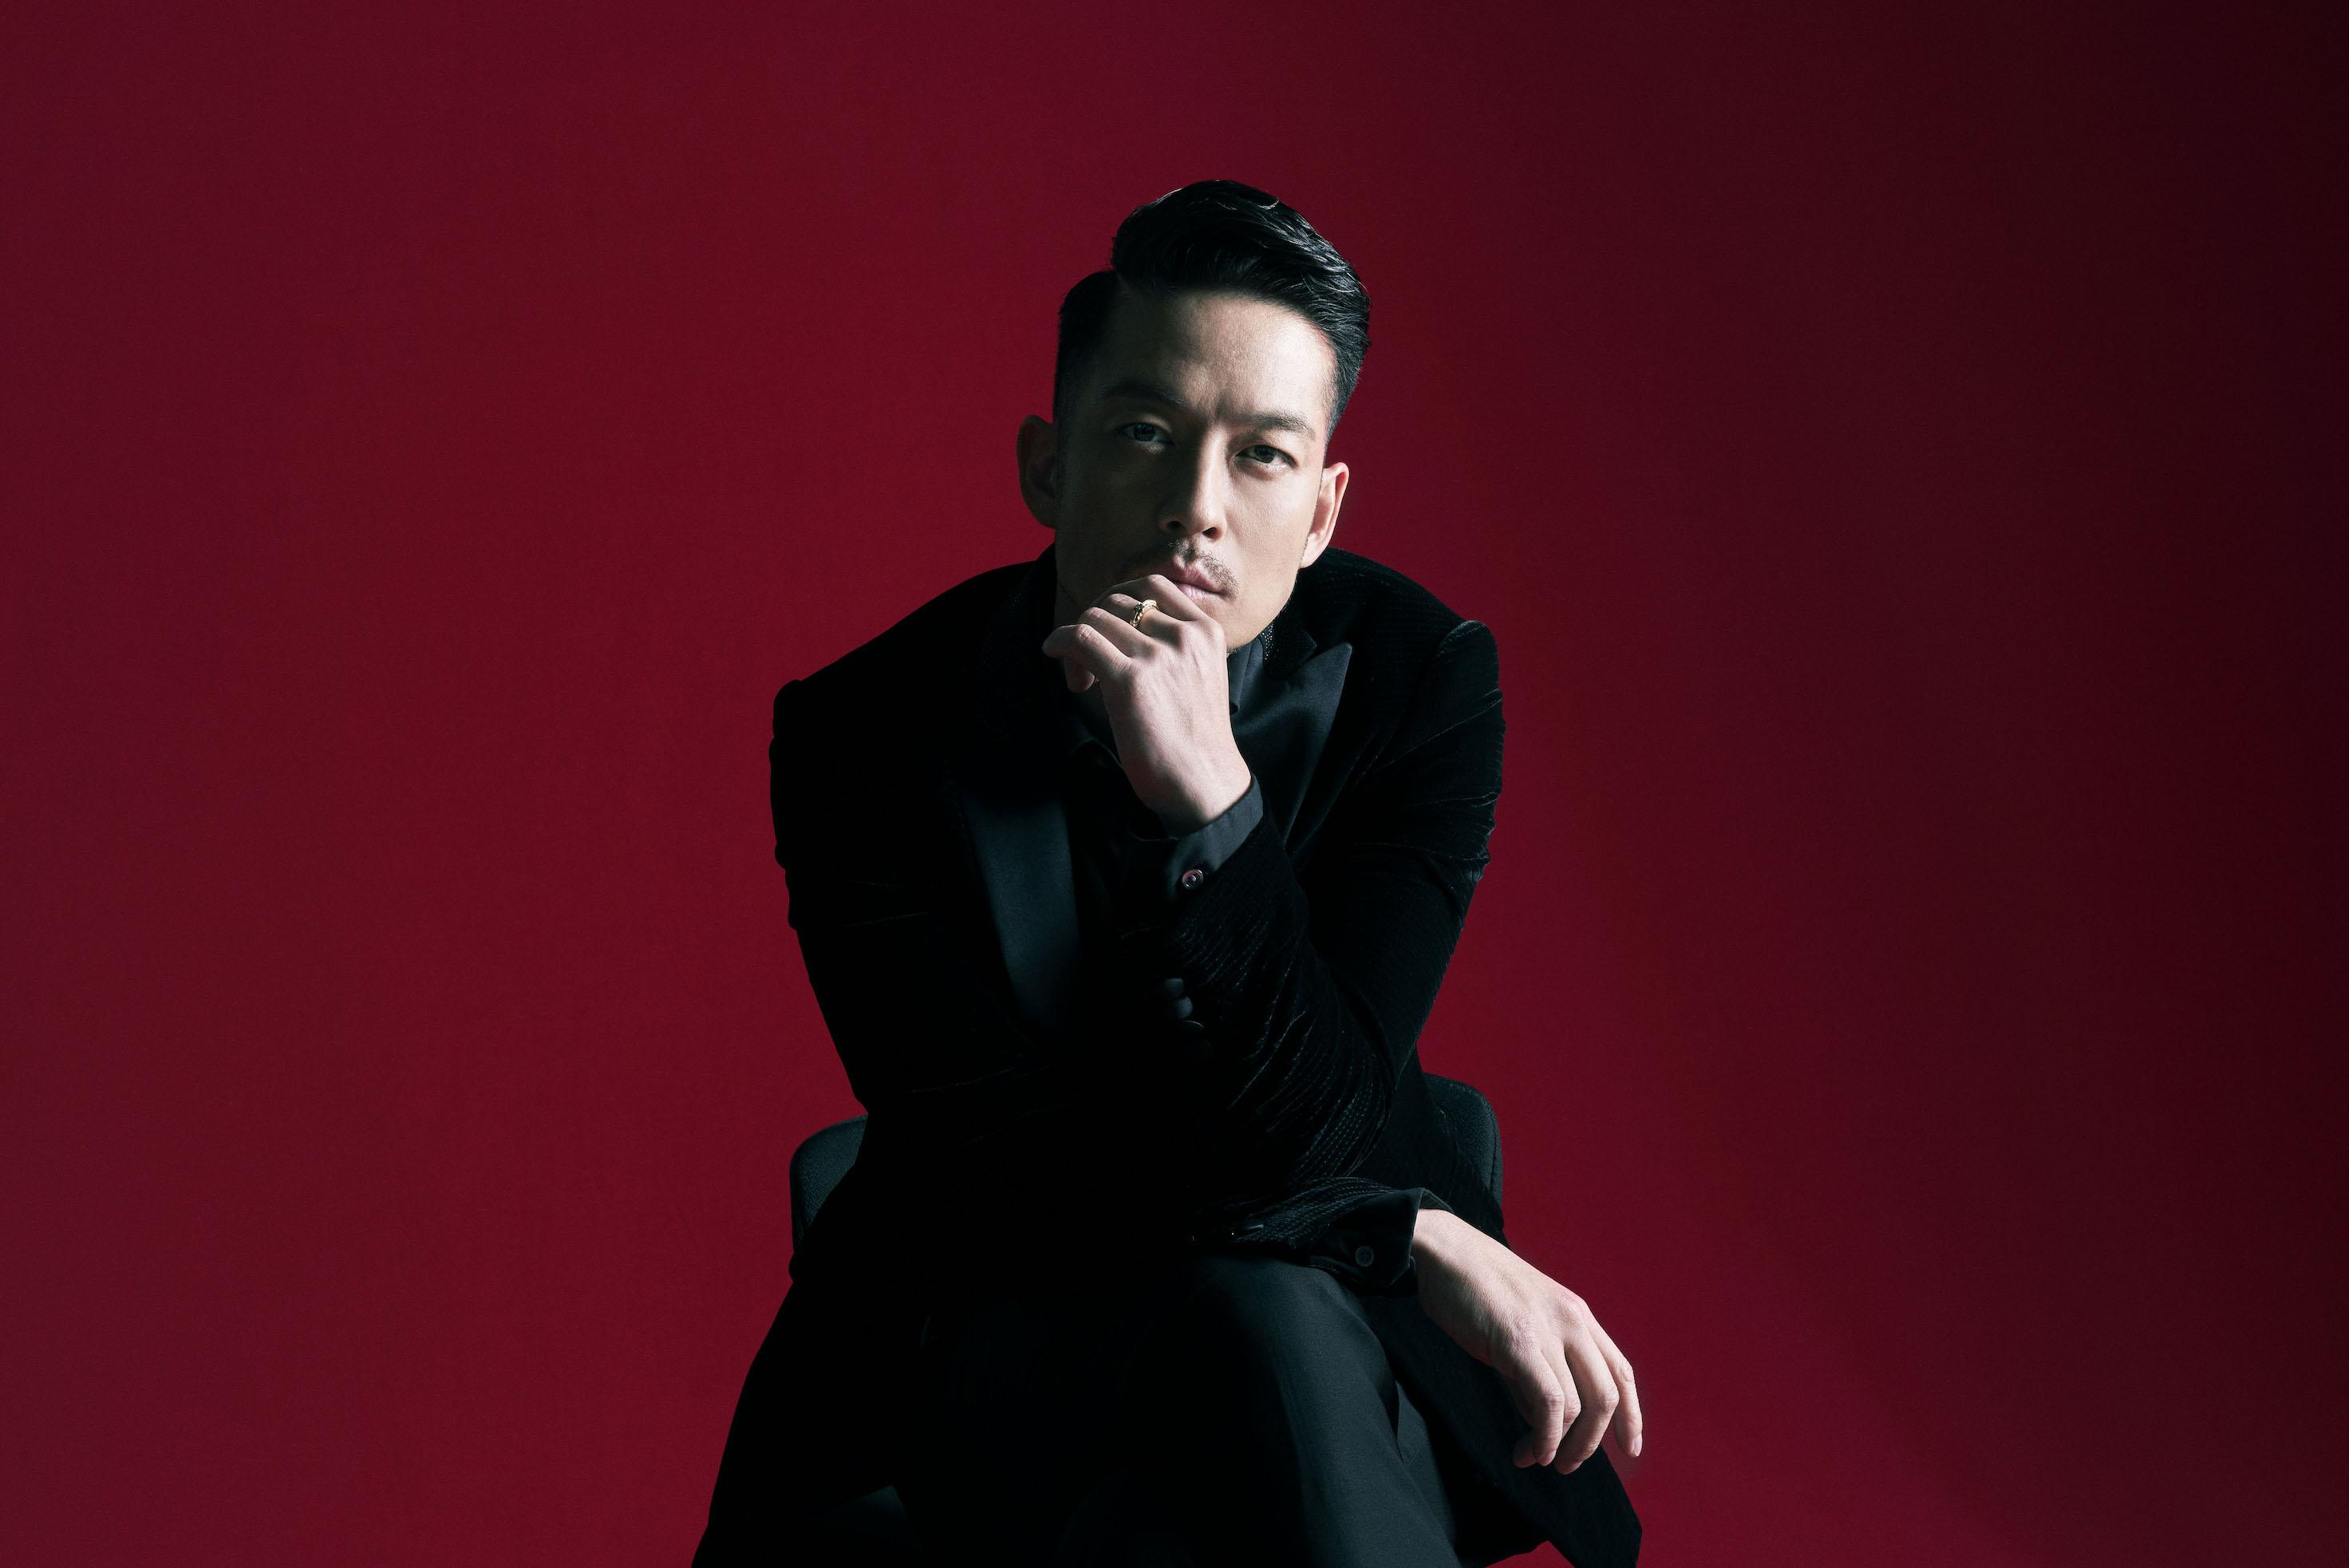 清木場俊介、2年半ぶりのホールツアー『CHANGE』を映像化&40歳のバースデーサプライズも収録